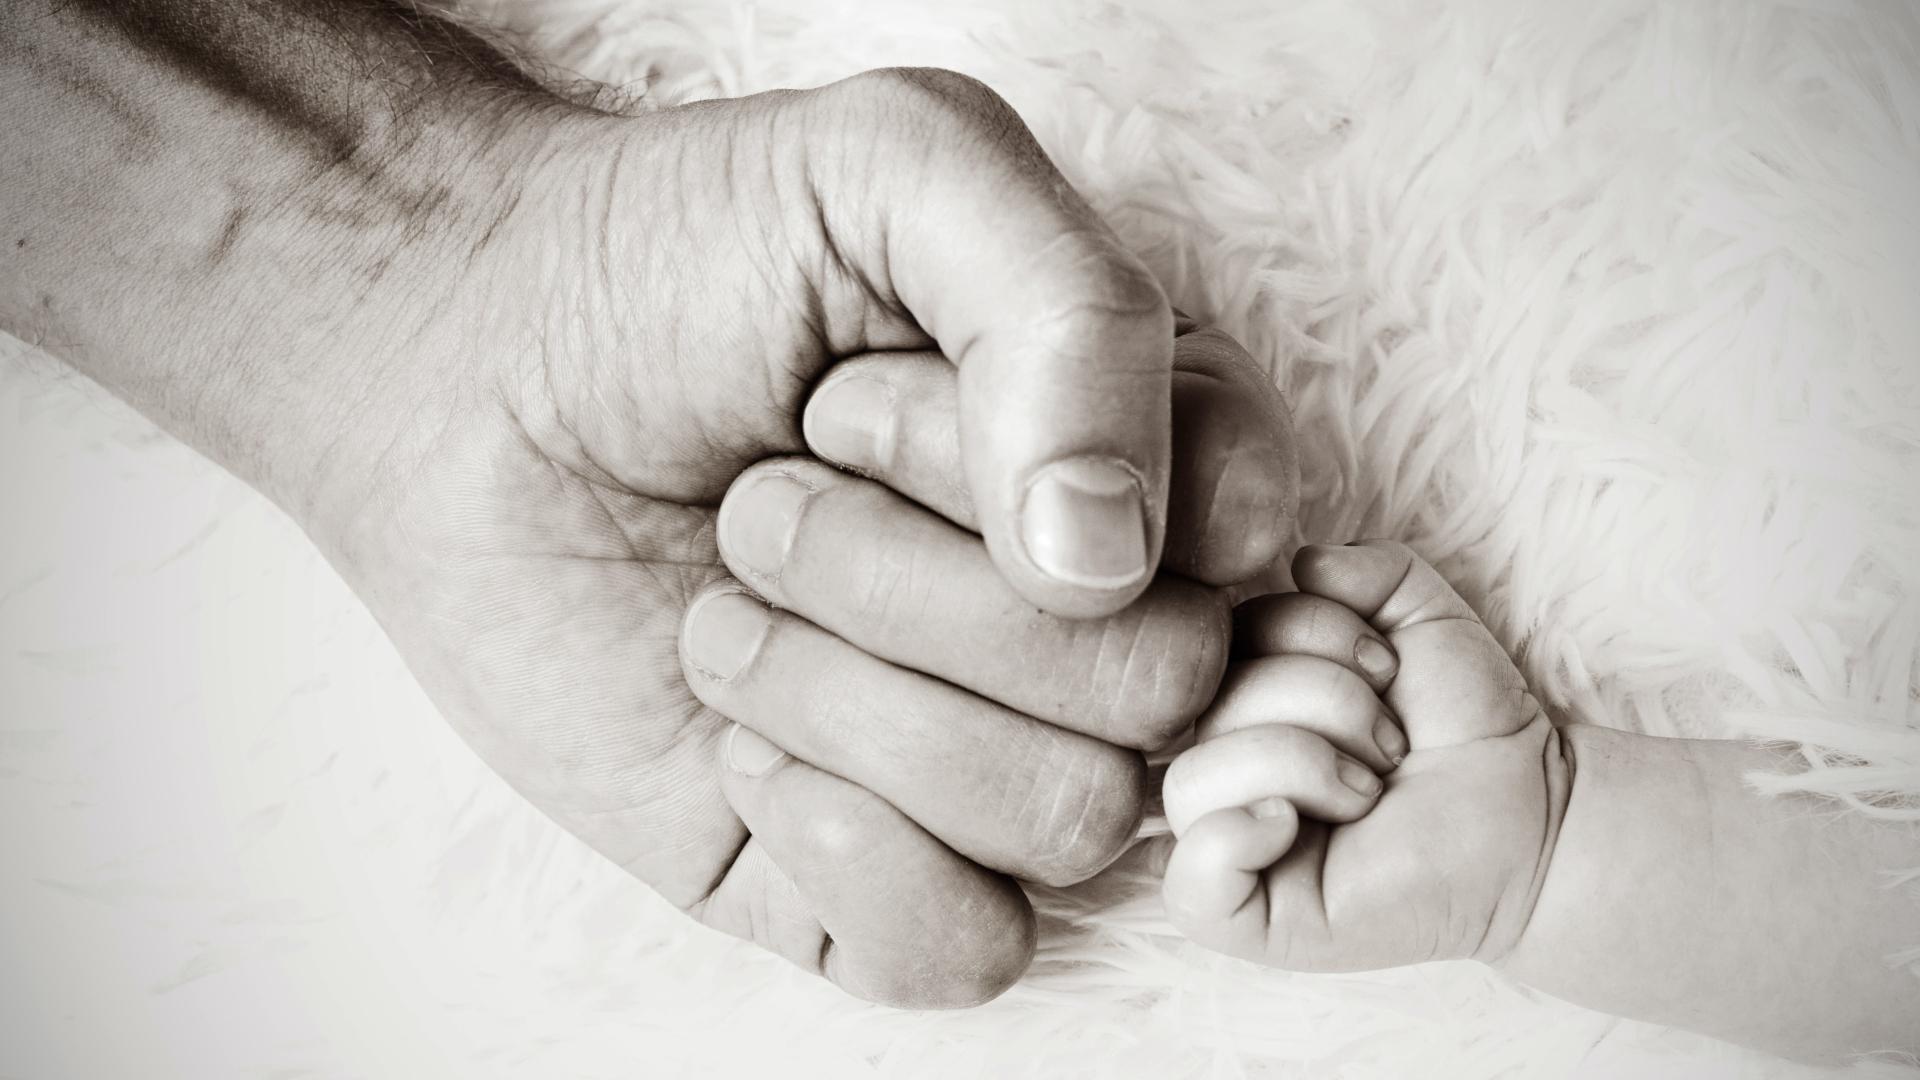 Ilyen babát várni apaként járvány idején